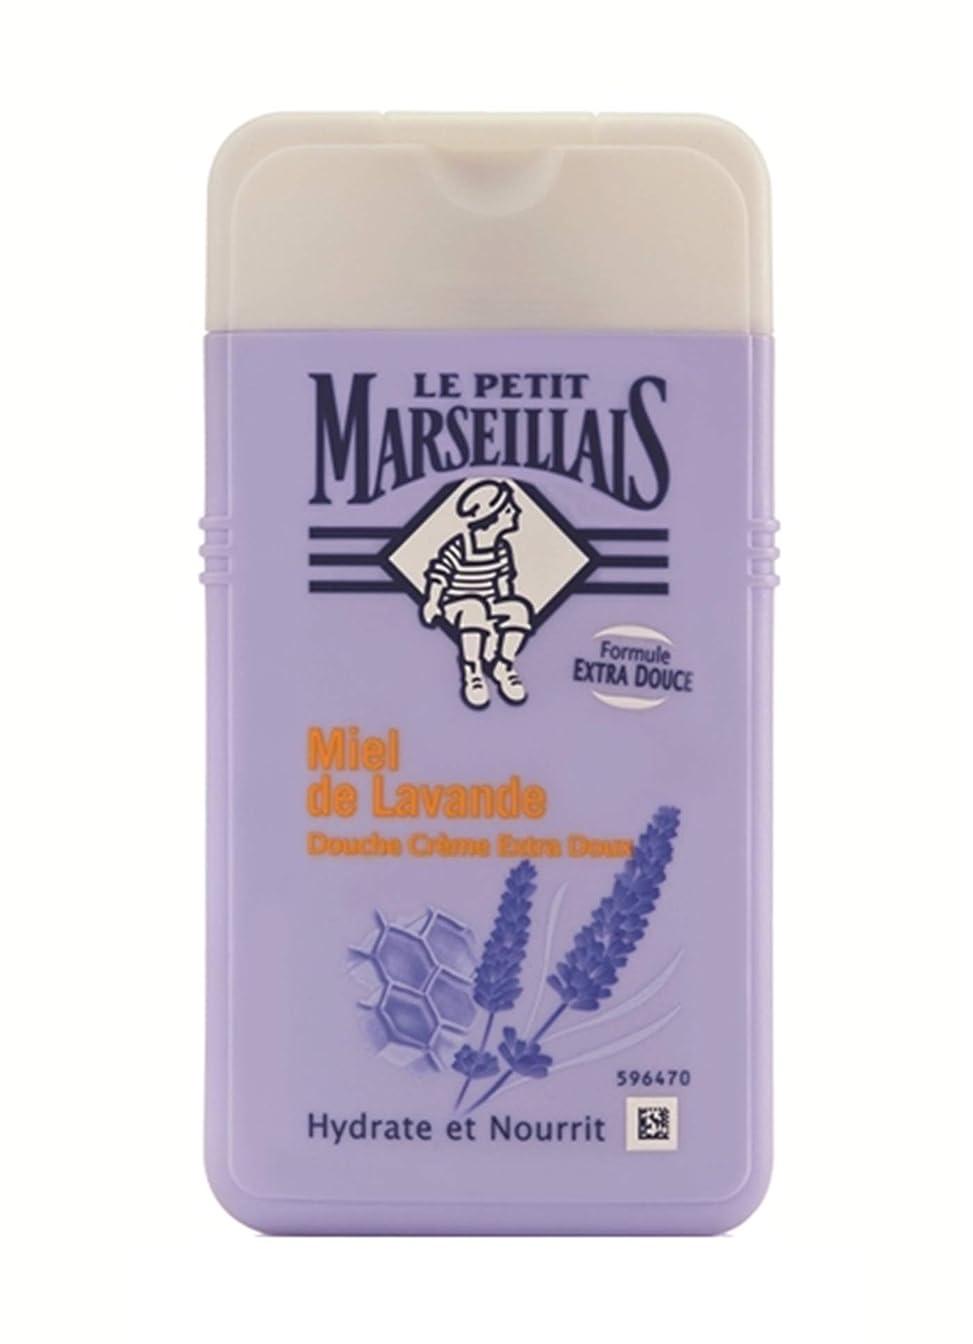 概要してはいけません悪魔「ラベンダーハチミツ」シャワークリーム フランスの「ル?プティ?マルセイユ(Le Petit Marseillais)」250ml ボディウォッシュ